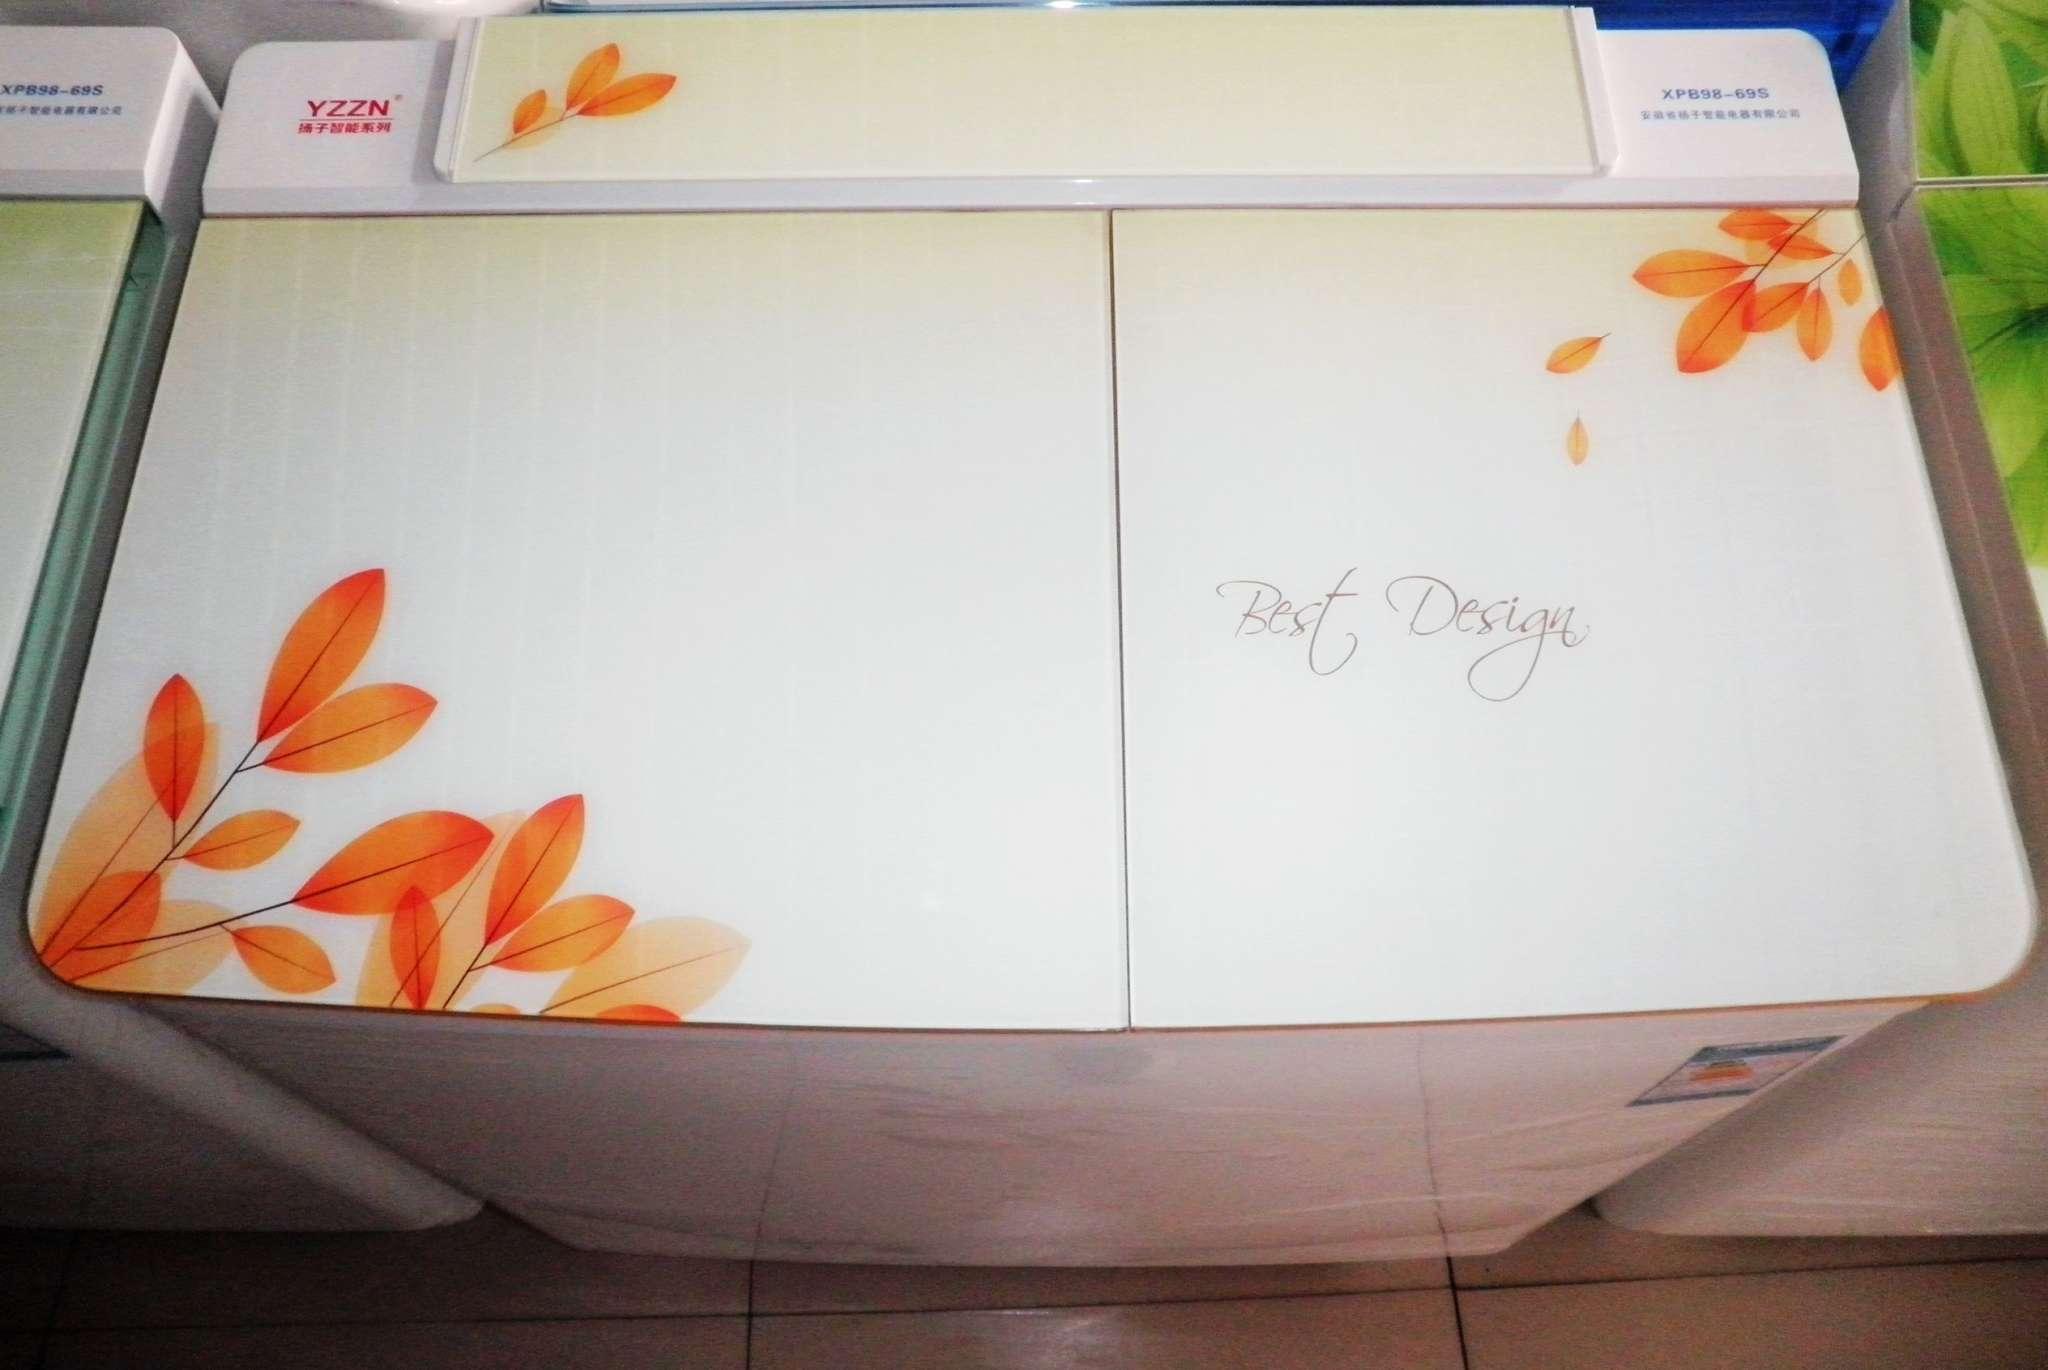 扬子洗衣机xpb98-69s